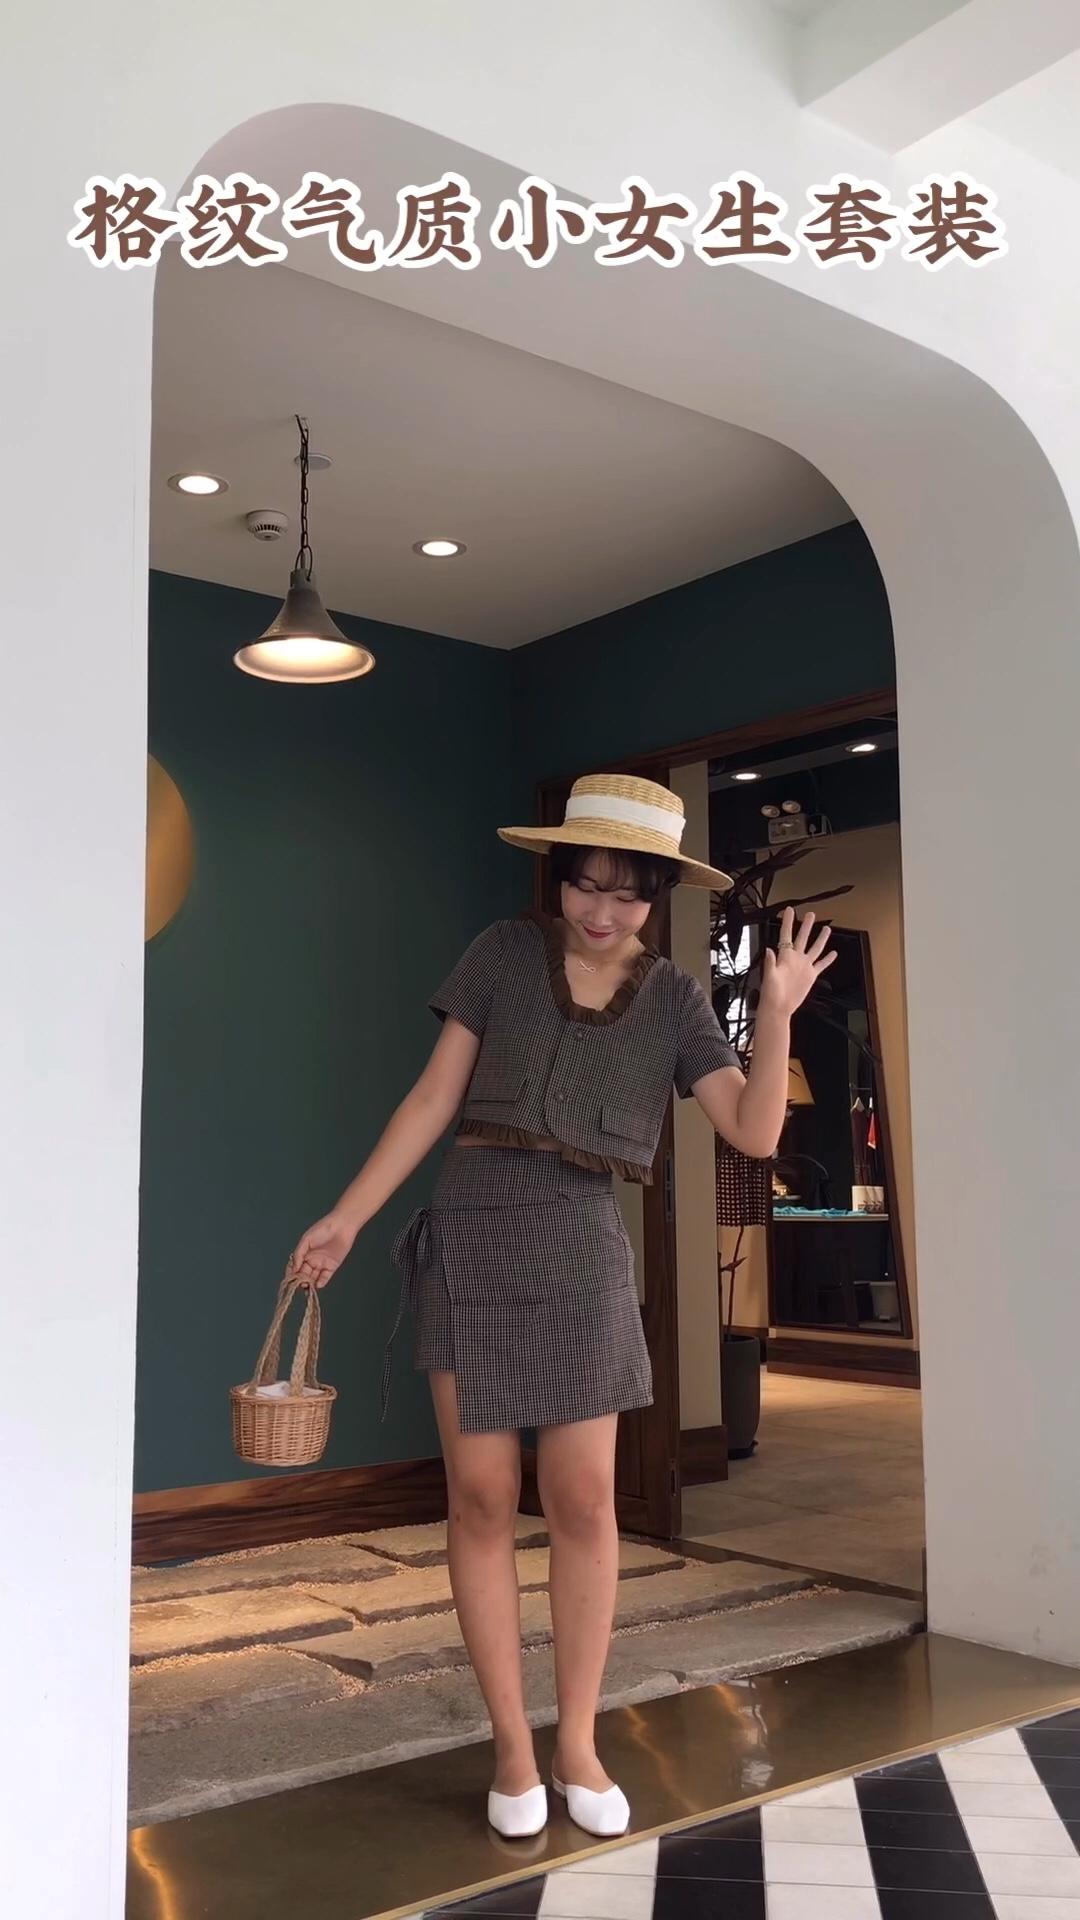 #暑假逆袭女神就靠它!# 格纹元素最流行起来,就非常受大家的欢迎,在各季的新品中也会出现作为经典的时尚元素之一,格纹总是那么的受人喜爱。它被大量的运用在各种单品中,例如这款,非常的复古和经典的格纹宇宙CP,上装缀有流苏,百搭程度满分,下面是裤裙,套装搭配出来干练职场有气质